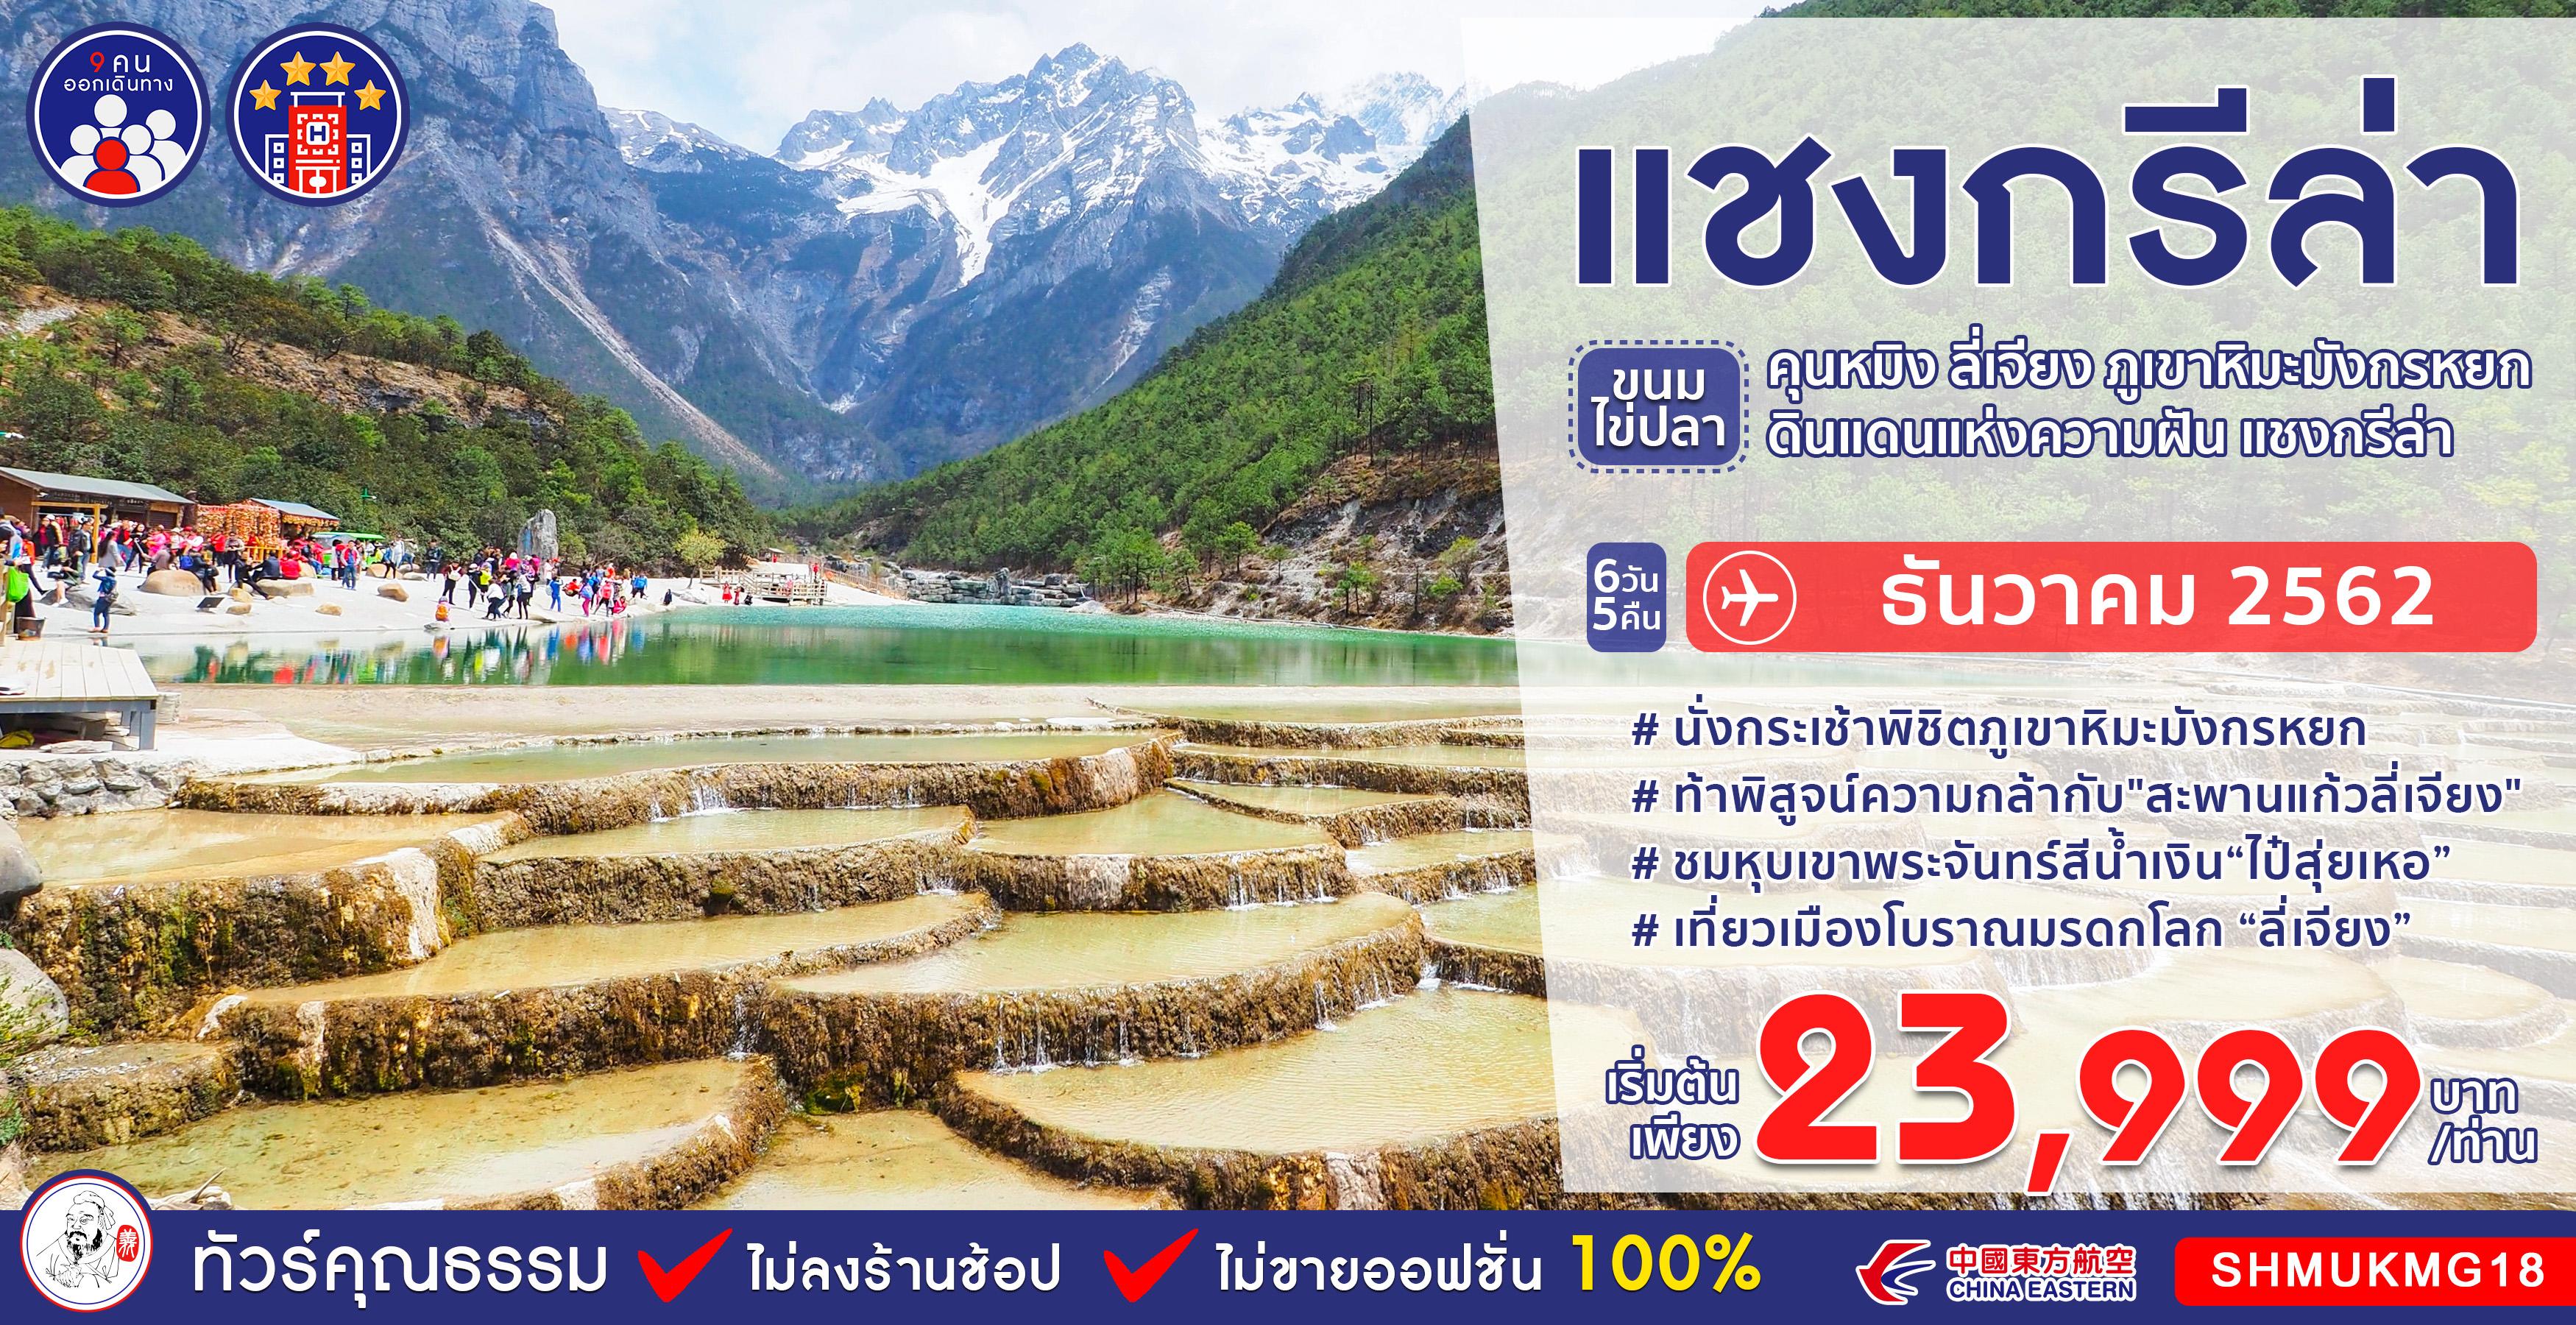 ทัวร์จีน ทัวร์คุณธรรม ทัวร์คุนหมิง...ขนมไข่ปลา ลี่เจียง ภูเขาหิมะมังกรหยก แชงกรีล่า 6 วัน 5 คืน (MU)